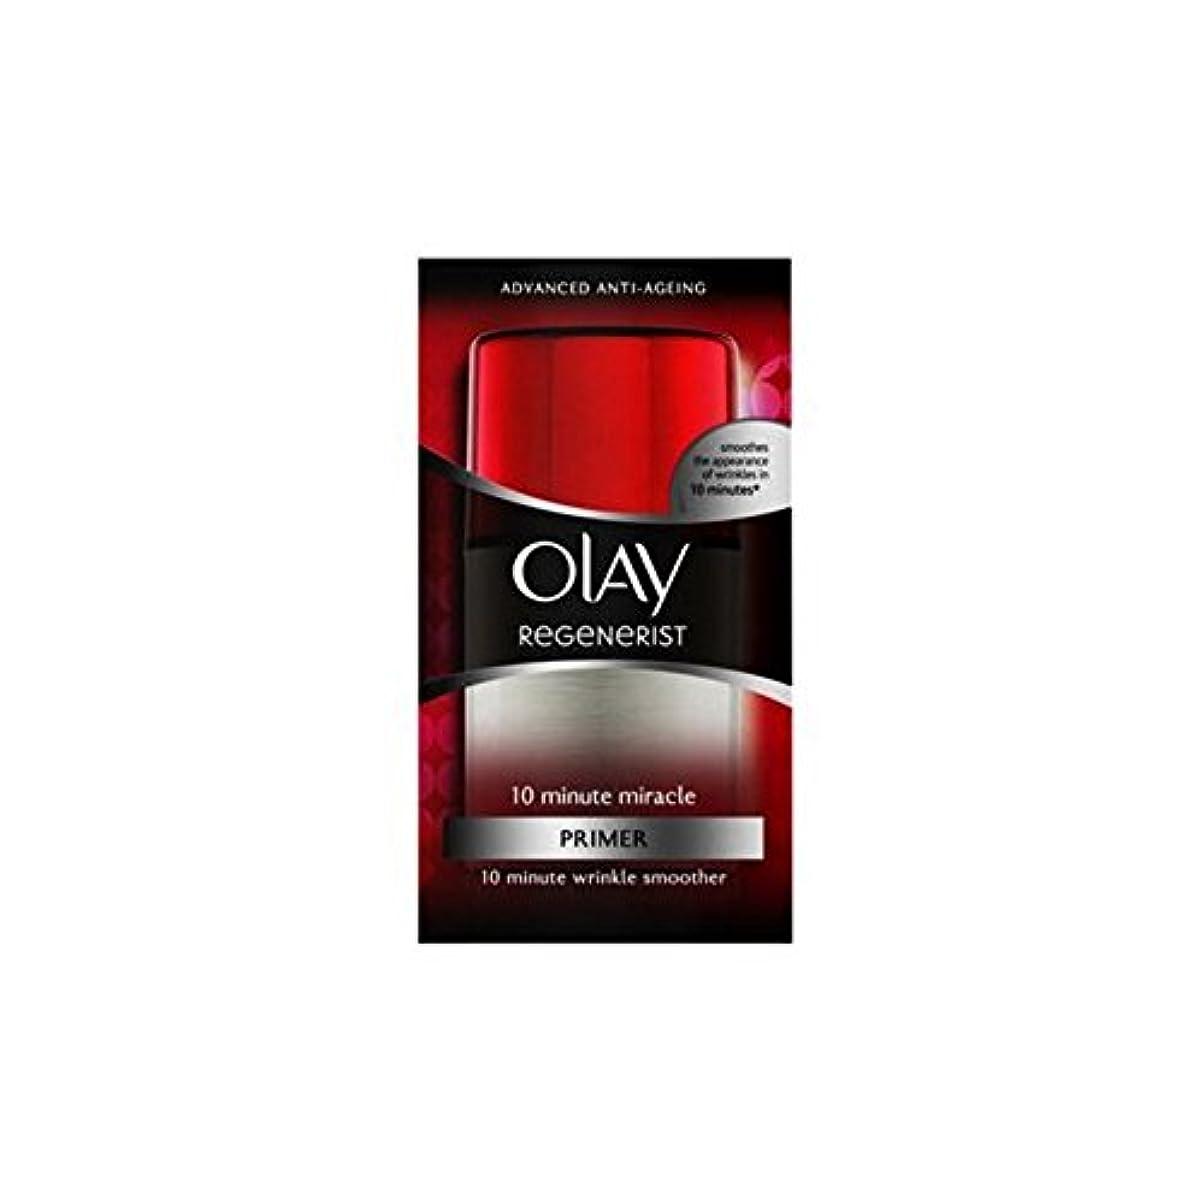 アサー別々に第二にオーレイリジェネスーパー10分の奇跡顔の保湿剤(50ミリリットル) x4 - Olay Regenerist Super 10 Minute Miracle Facial Moisturiser (50ml) (Pack...